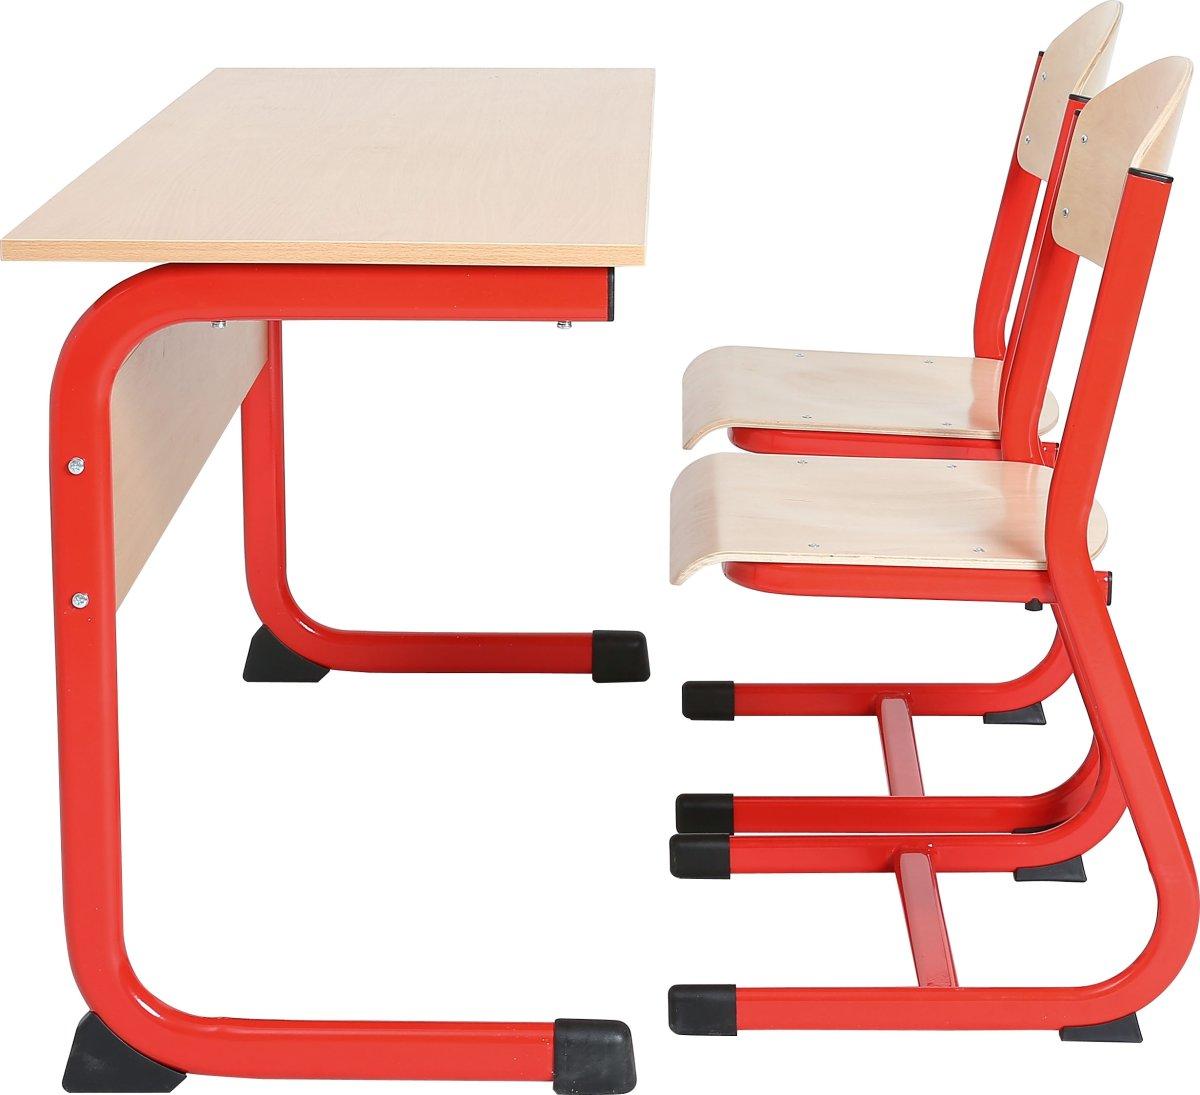 Class dobbelt bord rød, size 3